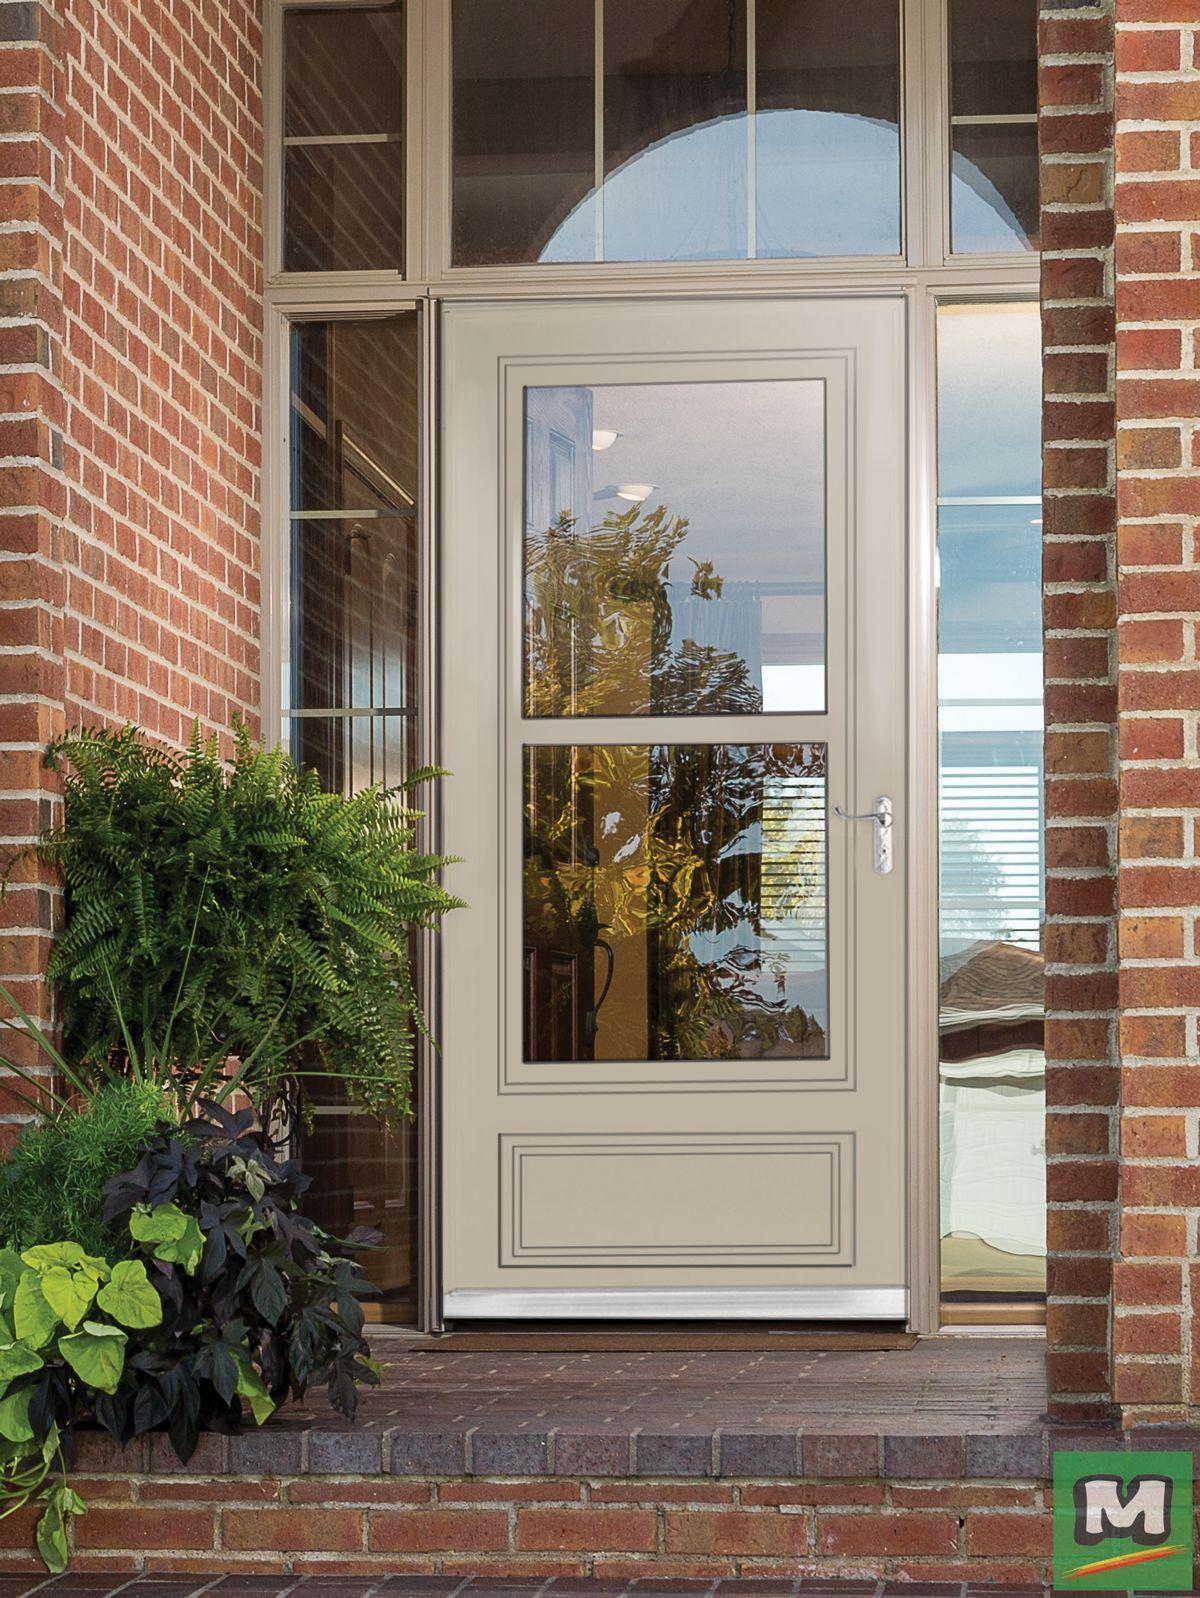 Invite In The Breeze With This Retractable Screen Away Door From Larson Its Functional Glass Desig Exterior House Doors Glass Storm Doors Glass Screen Door